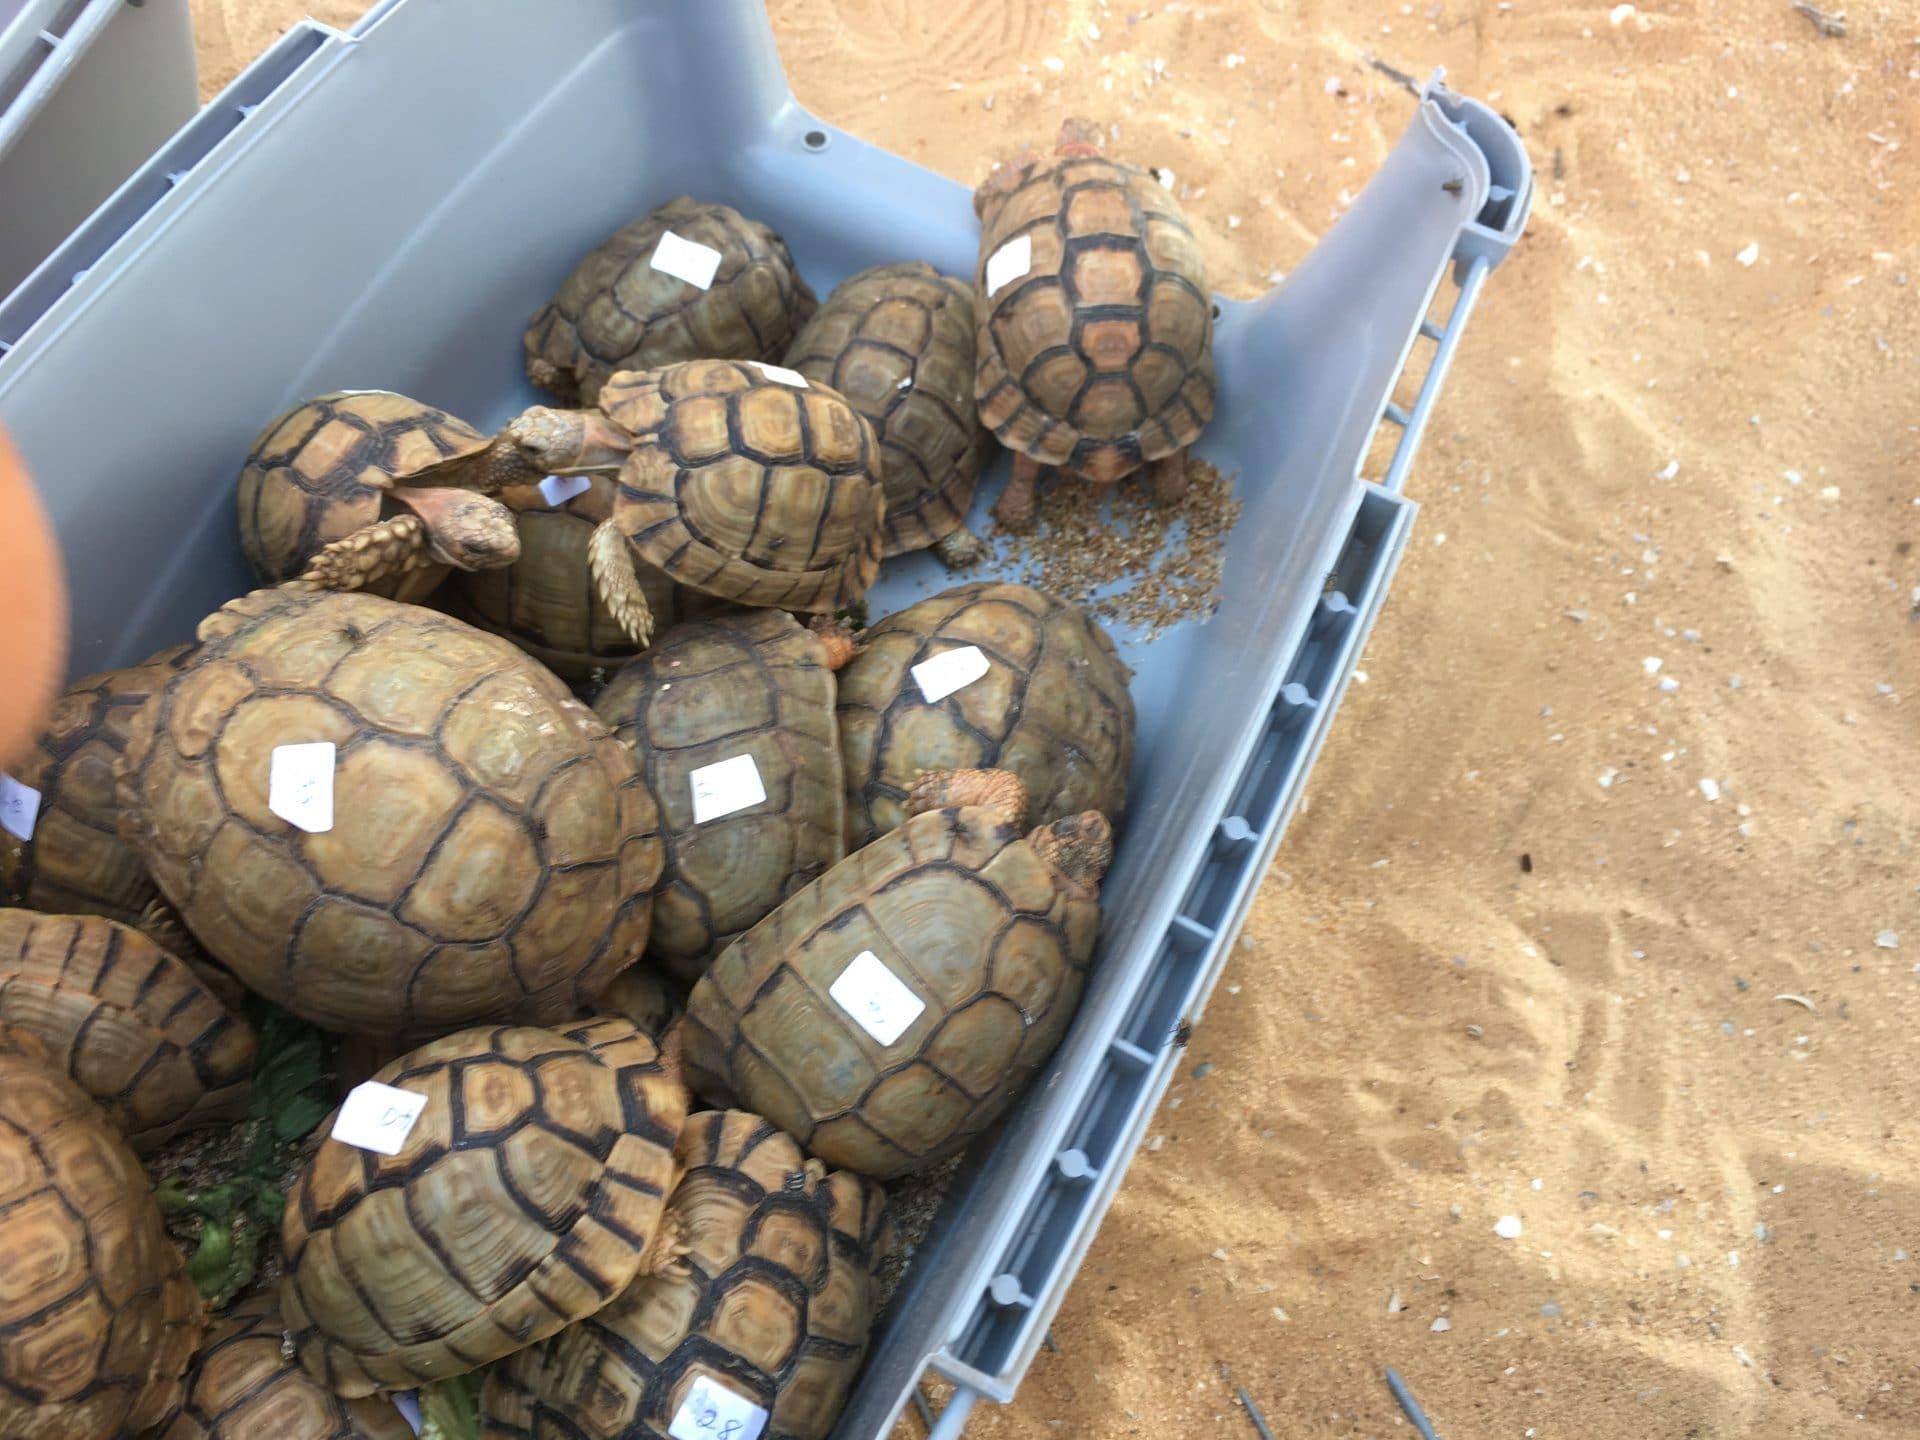 Konfiskering af egyptisk landskildpadde (Testudo kleinmanni)